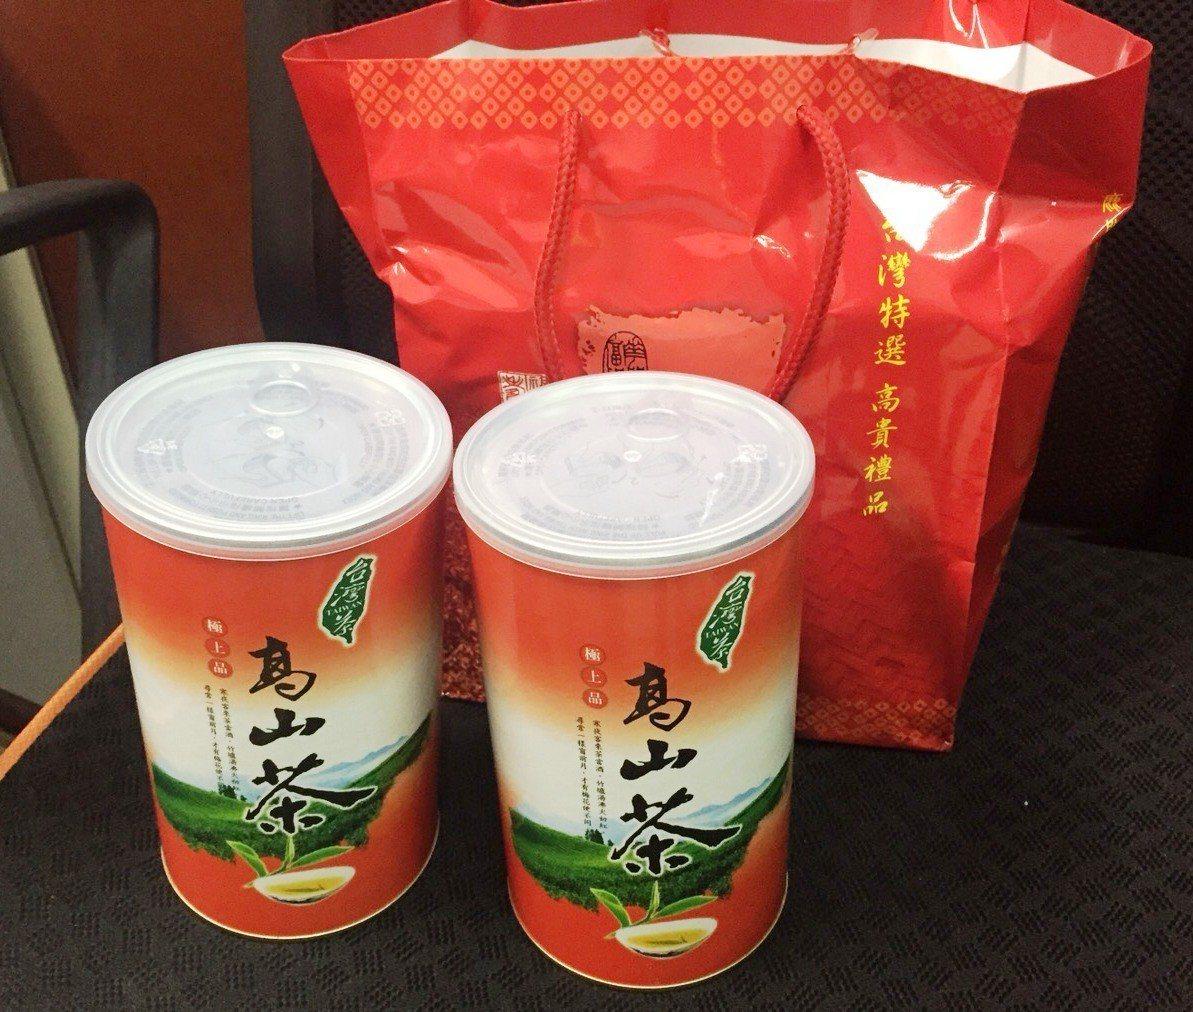 彰化檢警查獲大村鄉民代表選舉1名參選人賄選茶葉送給多名選民。記者何烱榮/翻攝